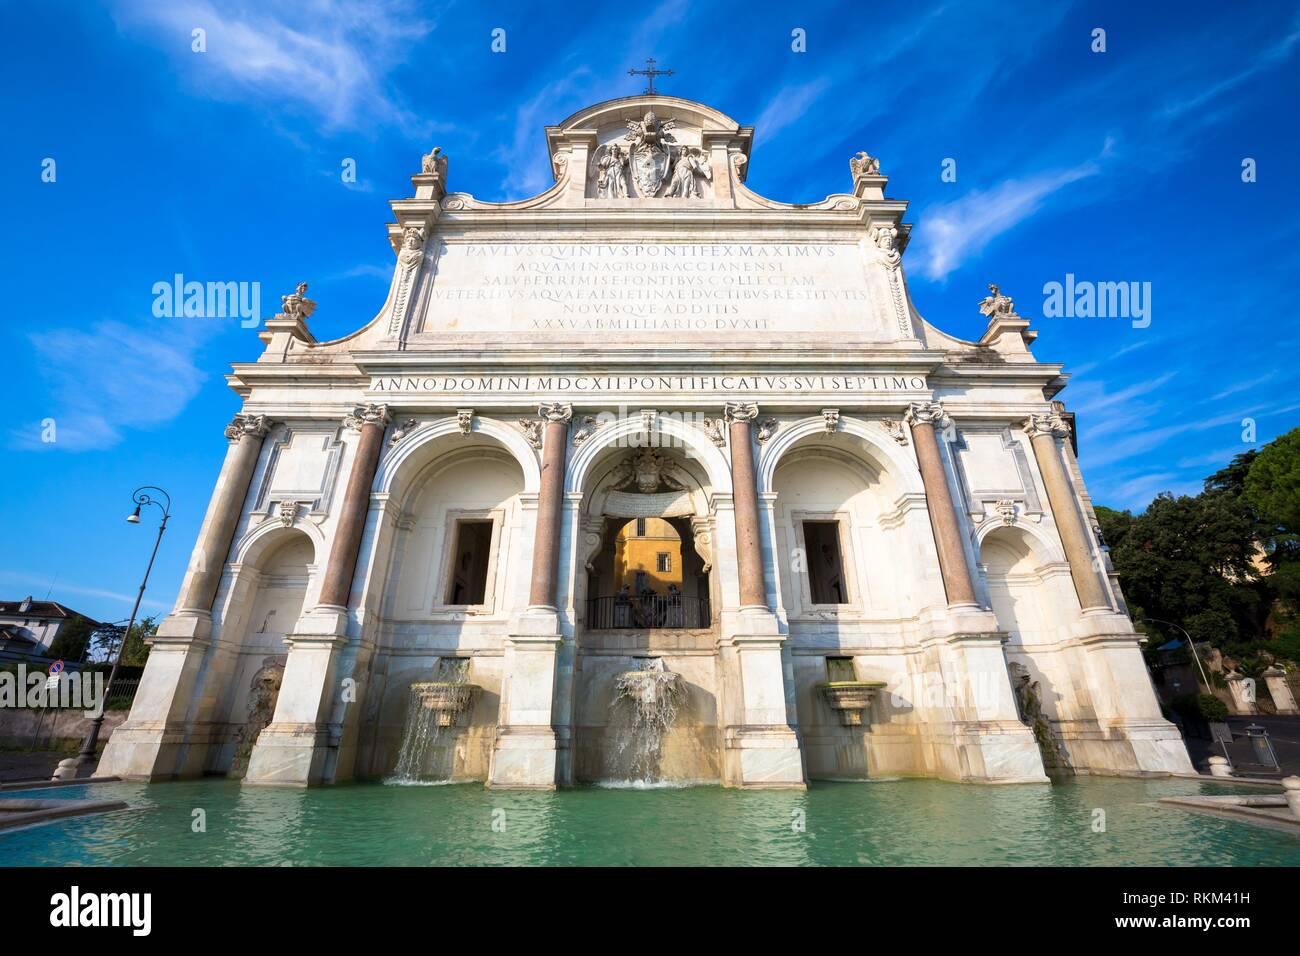 La Fontana dell'Acqua Paola a également connu comme il Fontanone (''la grande fontaine'') est une fontaine monumentale située sur le mont Janicule à Rome. Banque D'Images